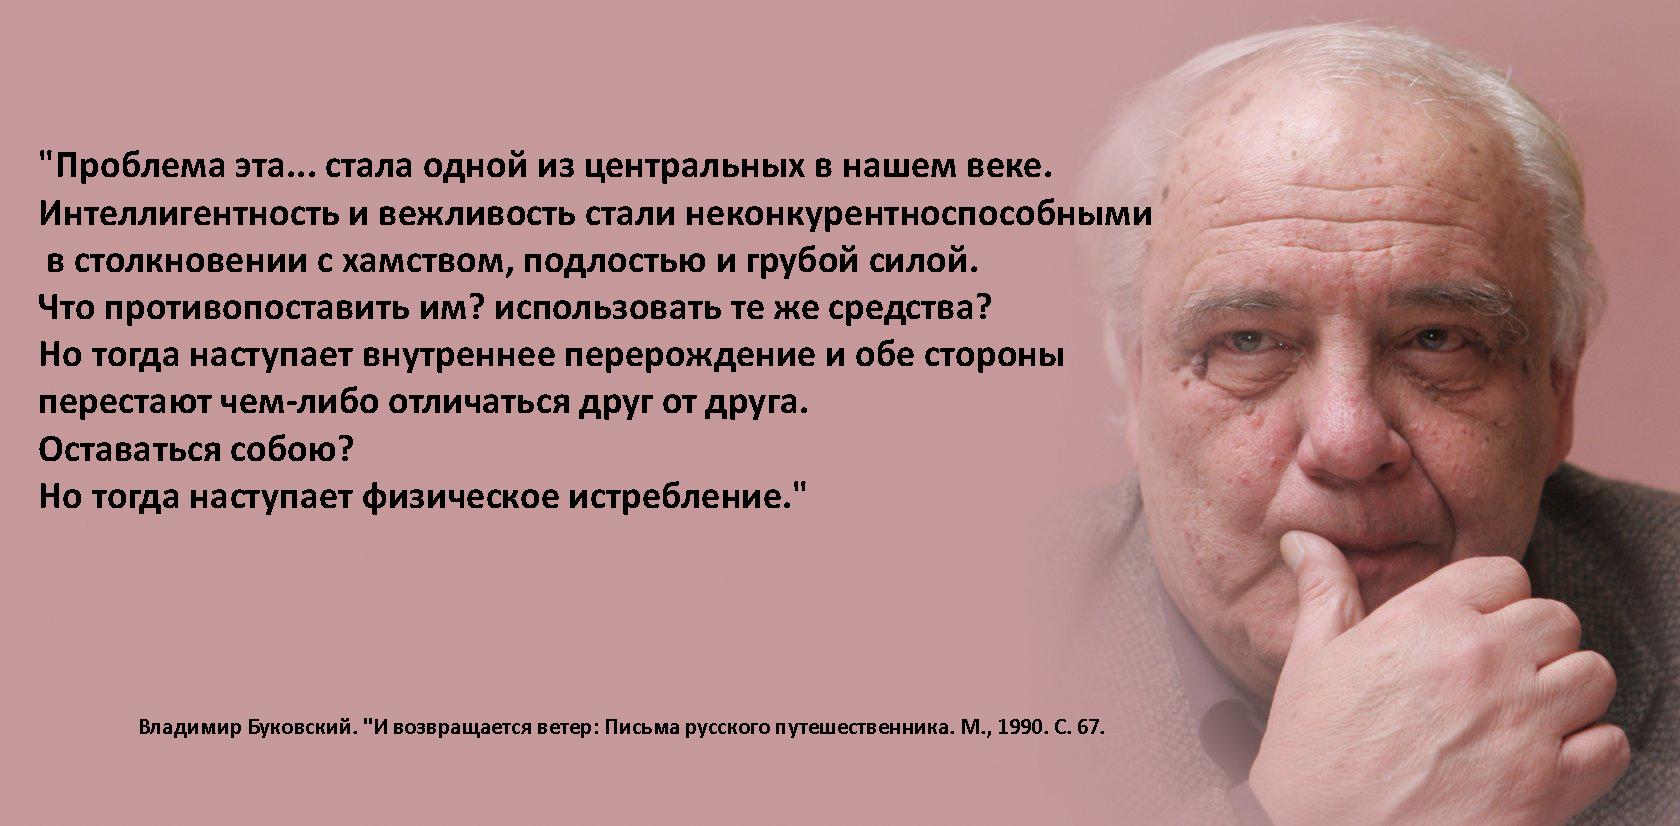 Владимир Буковский_ци